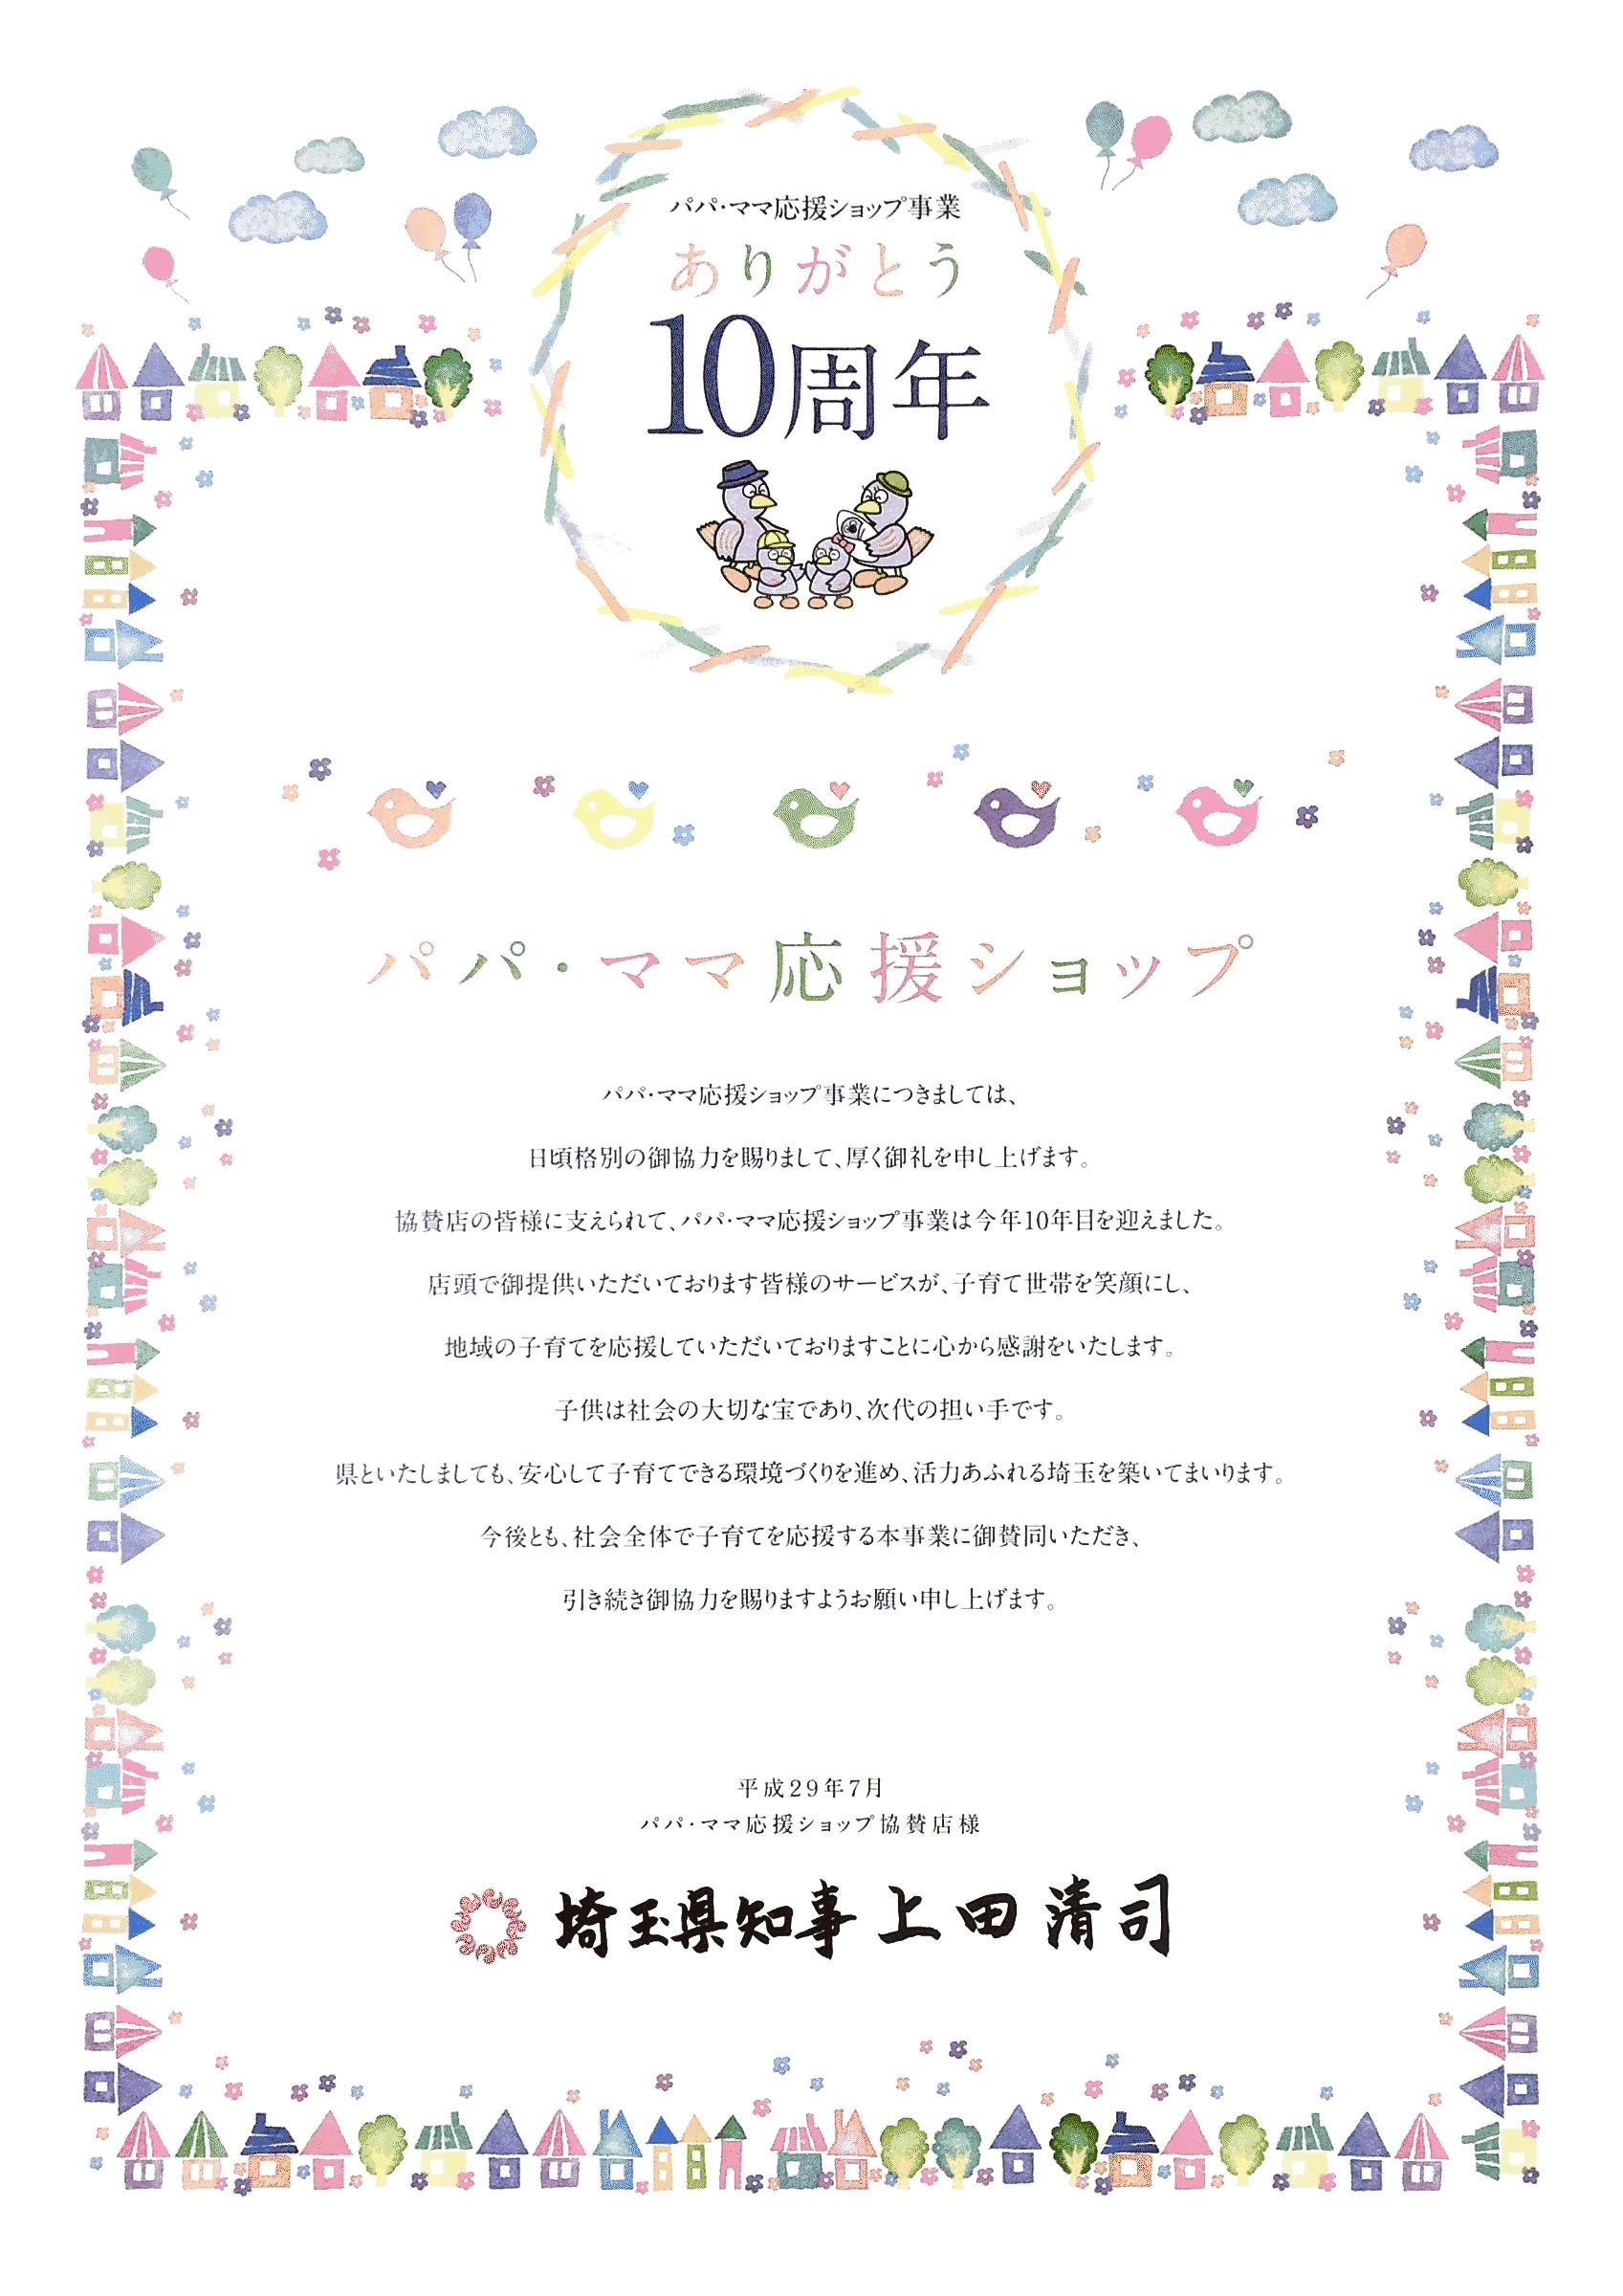 埼玉県、パパママ応援ショップ、子育て支援、春日部、鍼灸院、接骨院、整骨院、逆子、不妊症、つわり、生理痛、生理不順、更年期障害